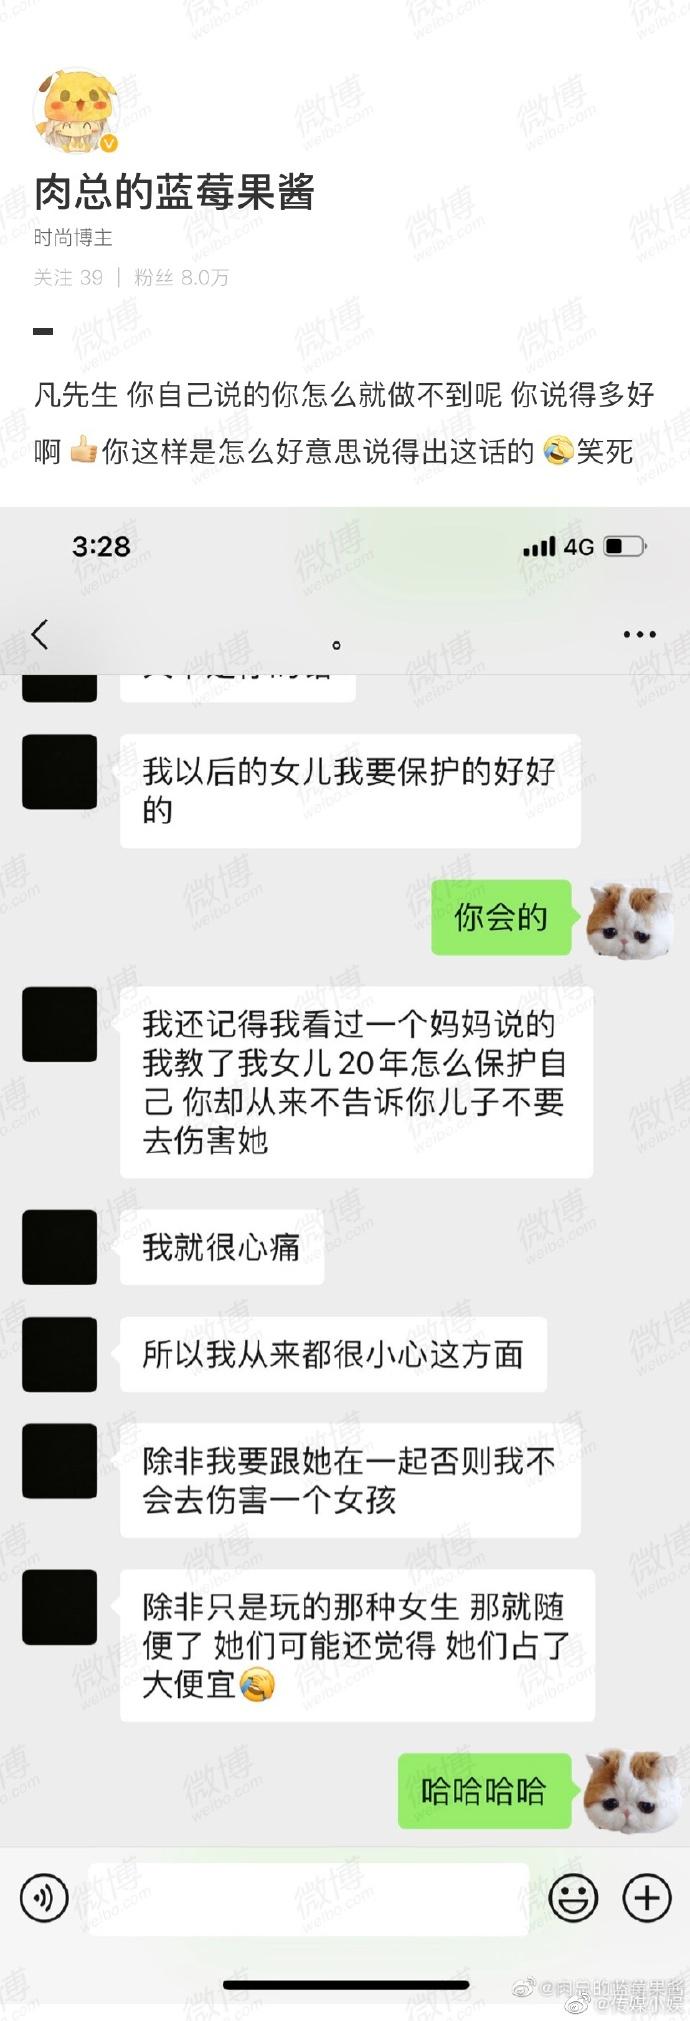 吴亦凡与都美竹事件被曝光,舆论热度持续升温-3CD